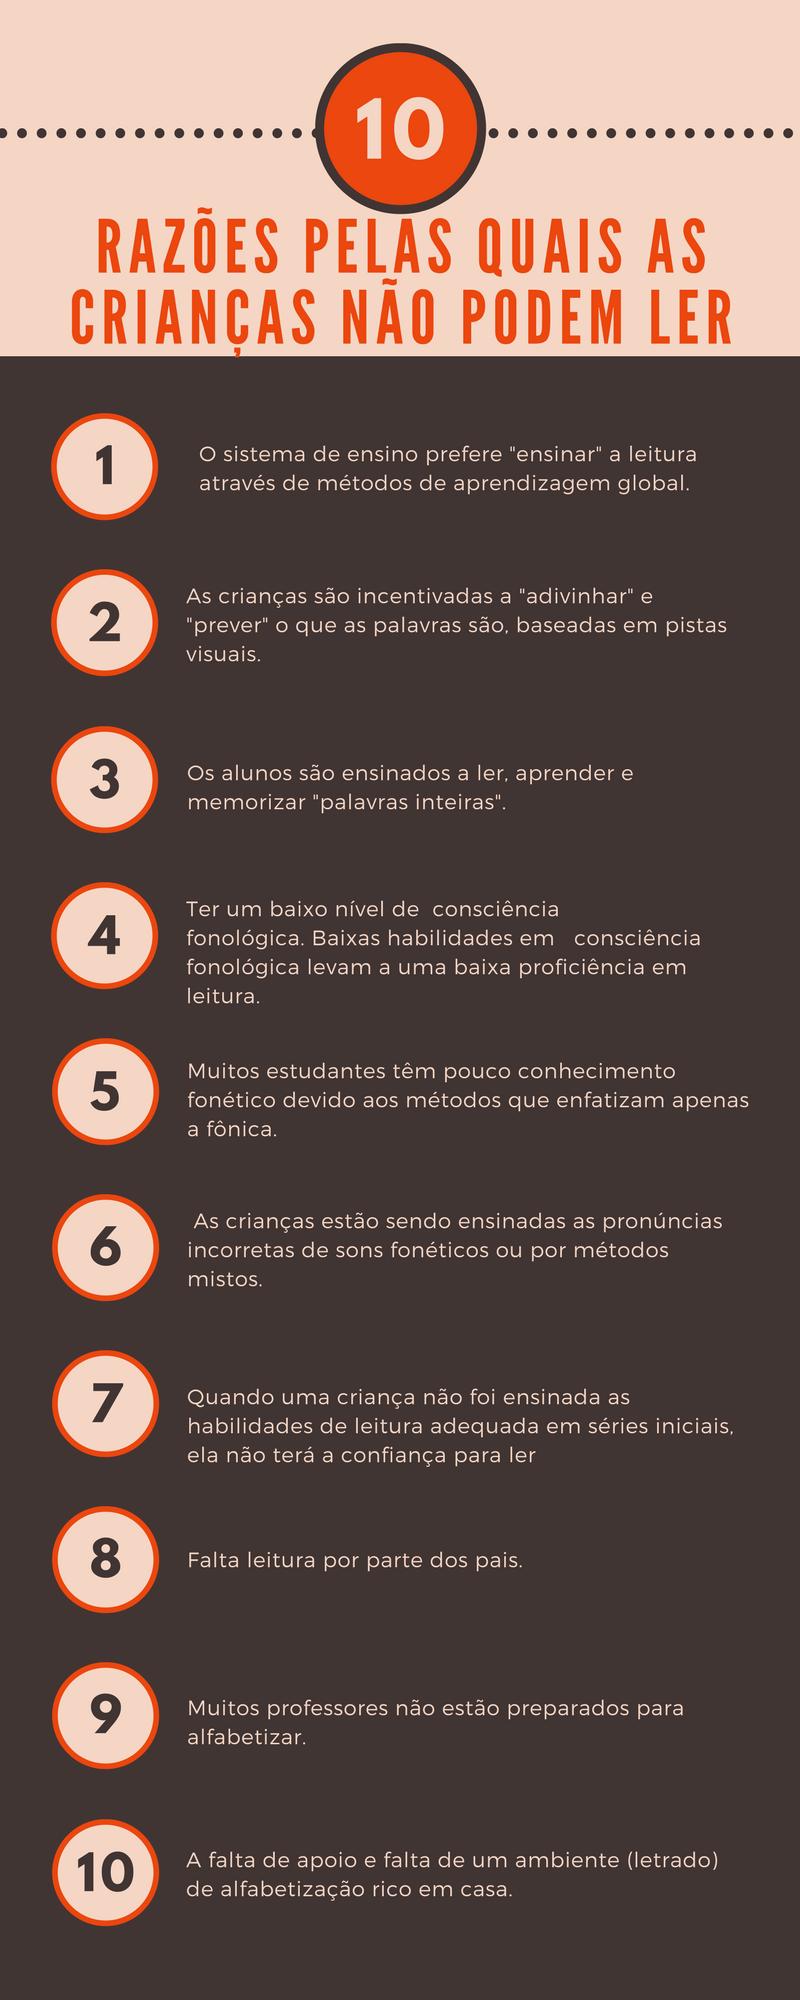 Top 10 razões pelas quais as crianças não podem ler